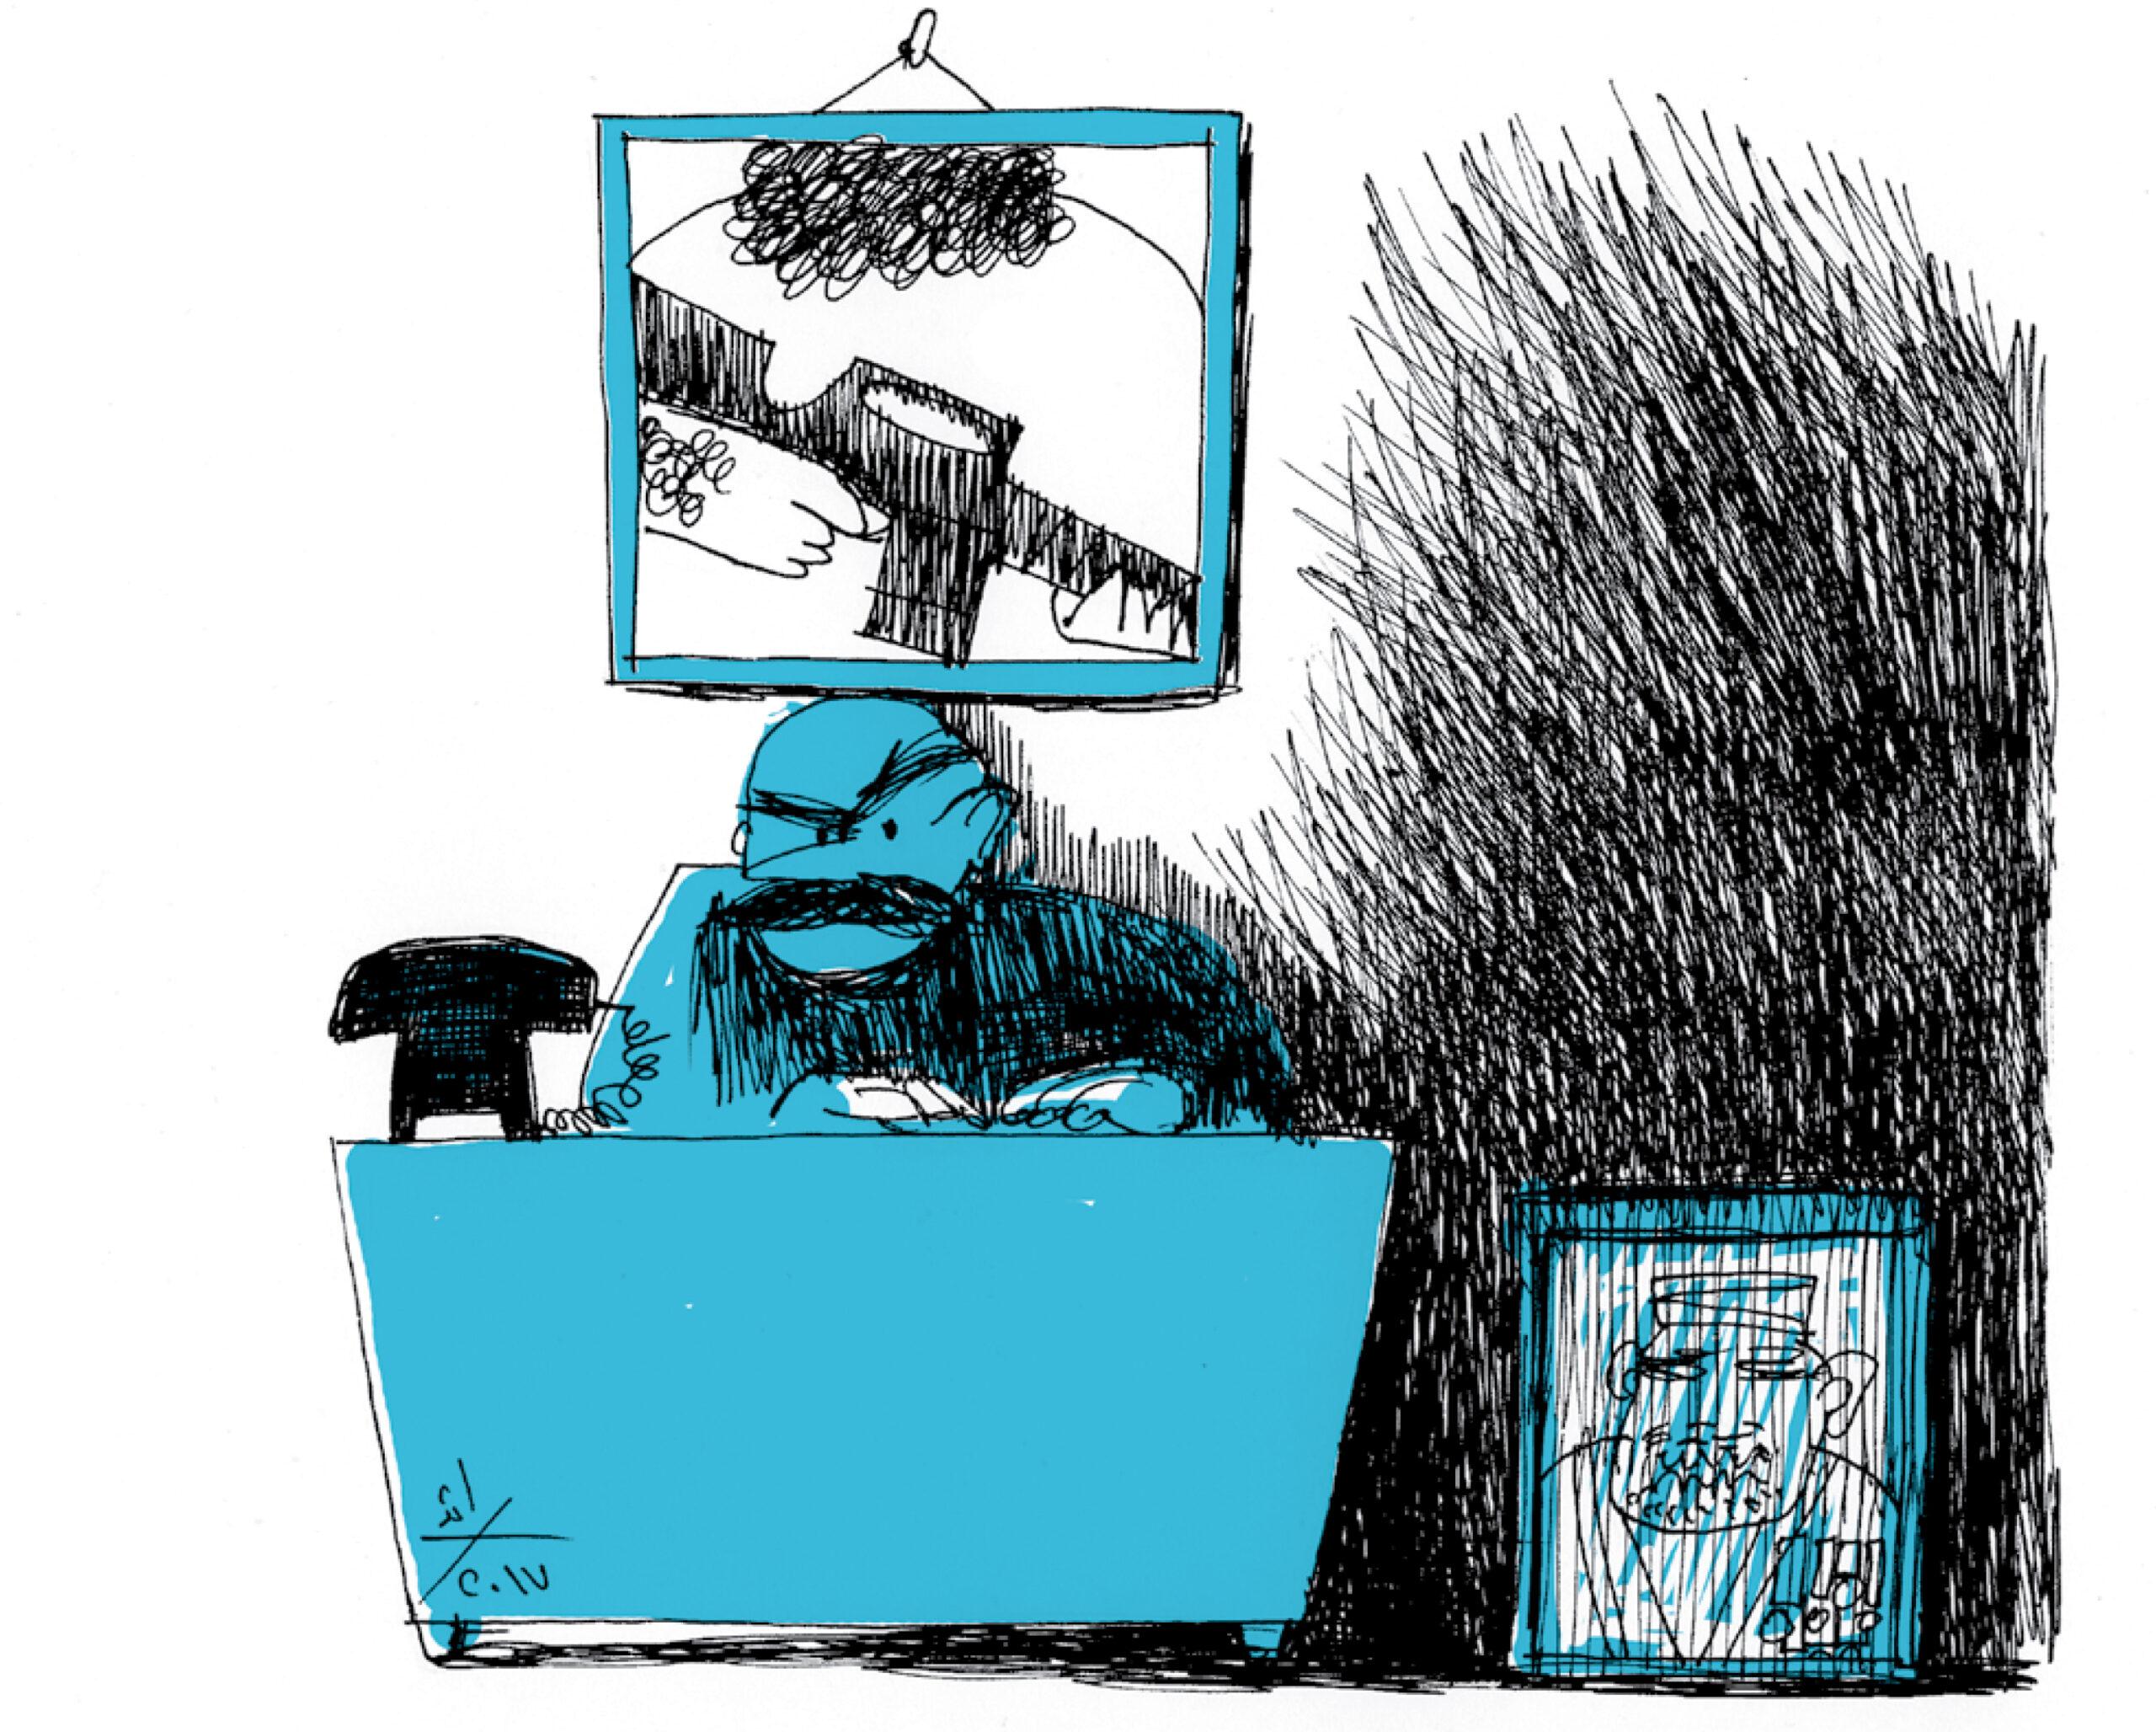 حرية التعبير والفكر والإبداع في ليبيا: إرث مكبل بالقيود وحاضر قلق ومستقبل مجهول